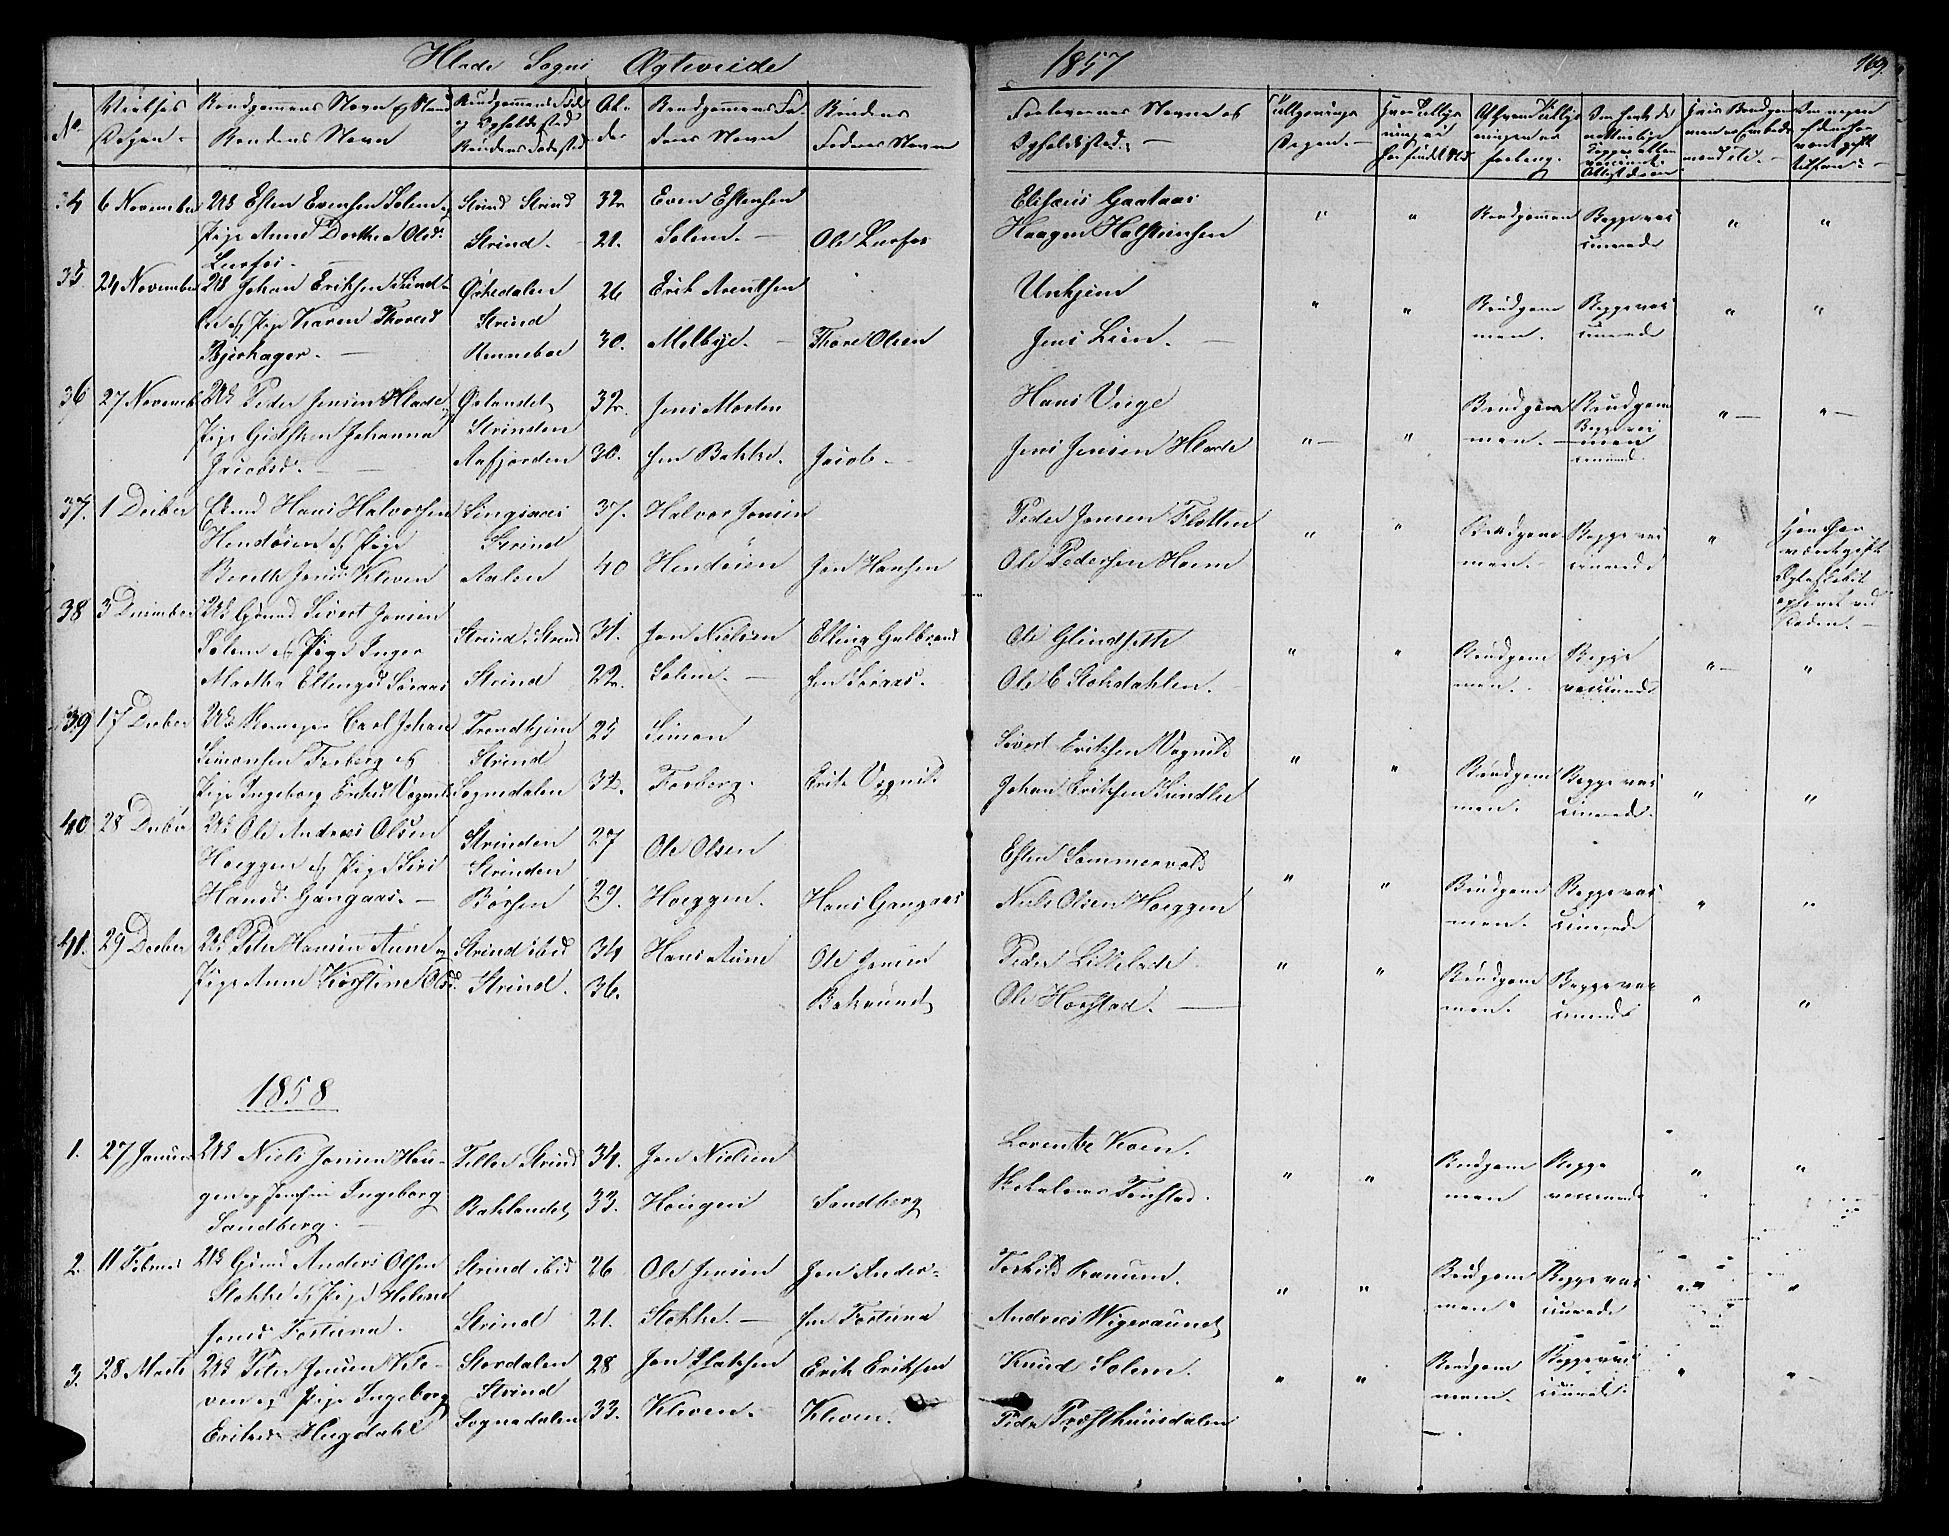 SAT, Ministerialprotokoller, klokkerbøker og fødselsregistre - Sør-Trøndelag, 606/L0310: Klokkerbok nr. 606C06, 1850-1859, s. 169